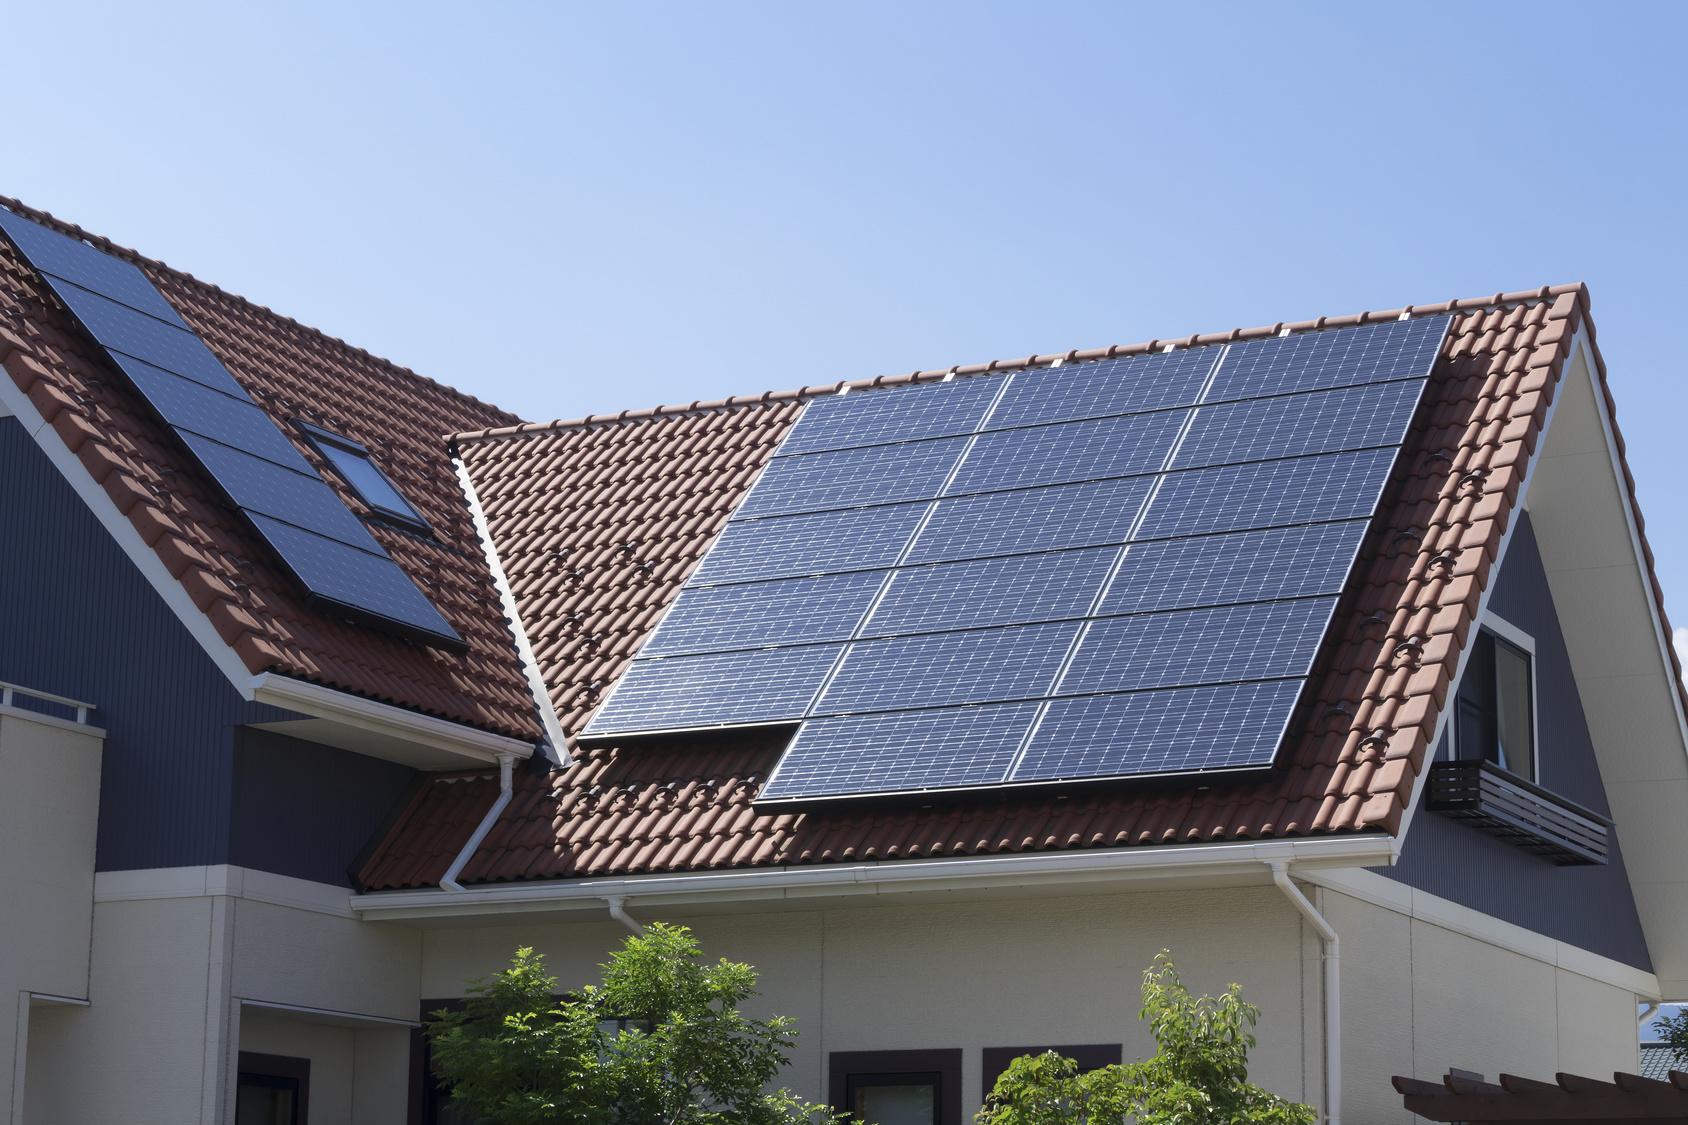 instalación de paneles solares en tejado de casa